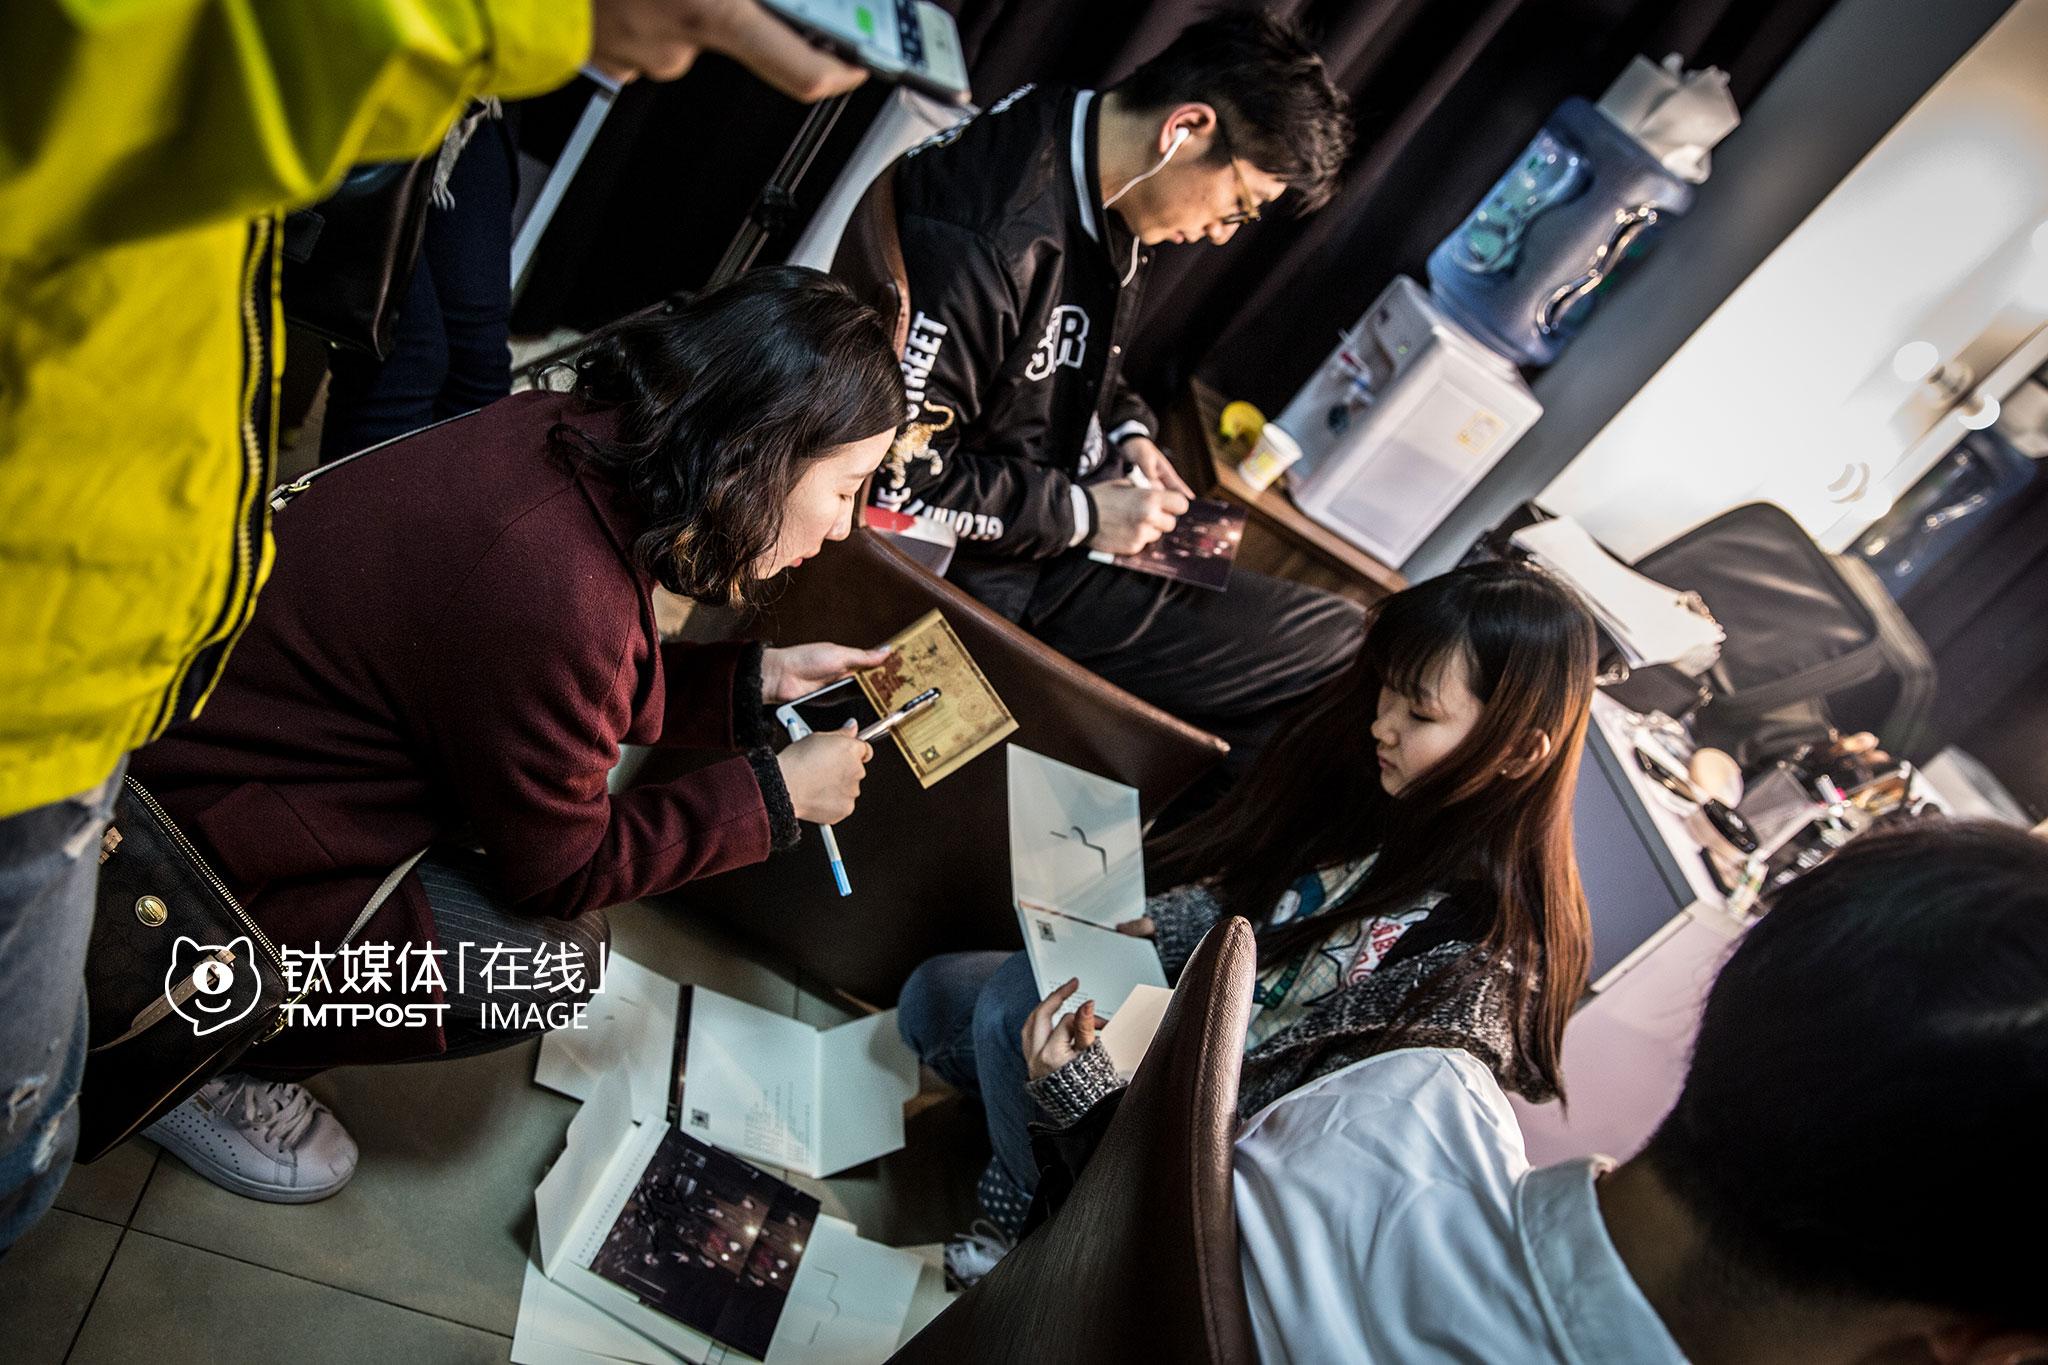 化妆间隙,《报告老板》主演之一白客在万合天宜的卡片上签名,这些卡片将作为礼物送给万合天宜的粉丝。